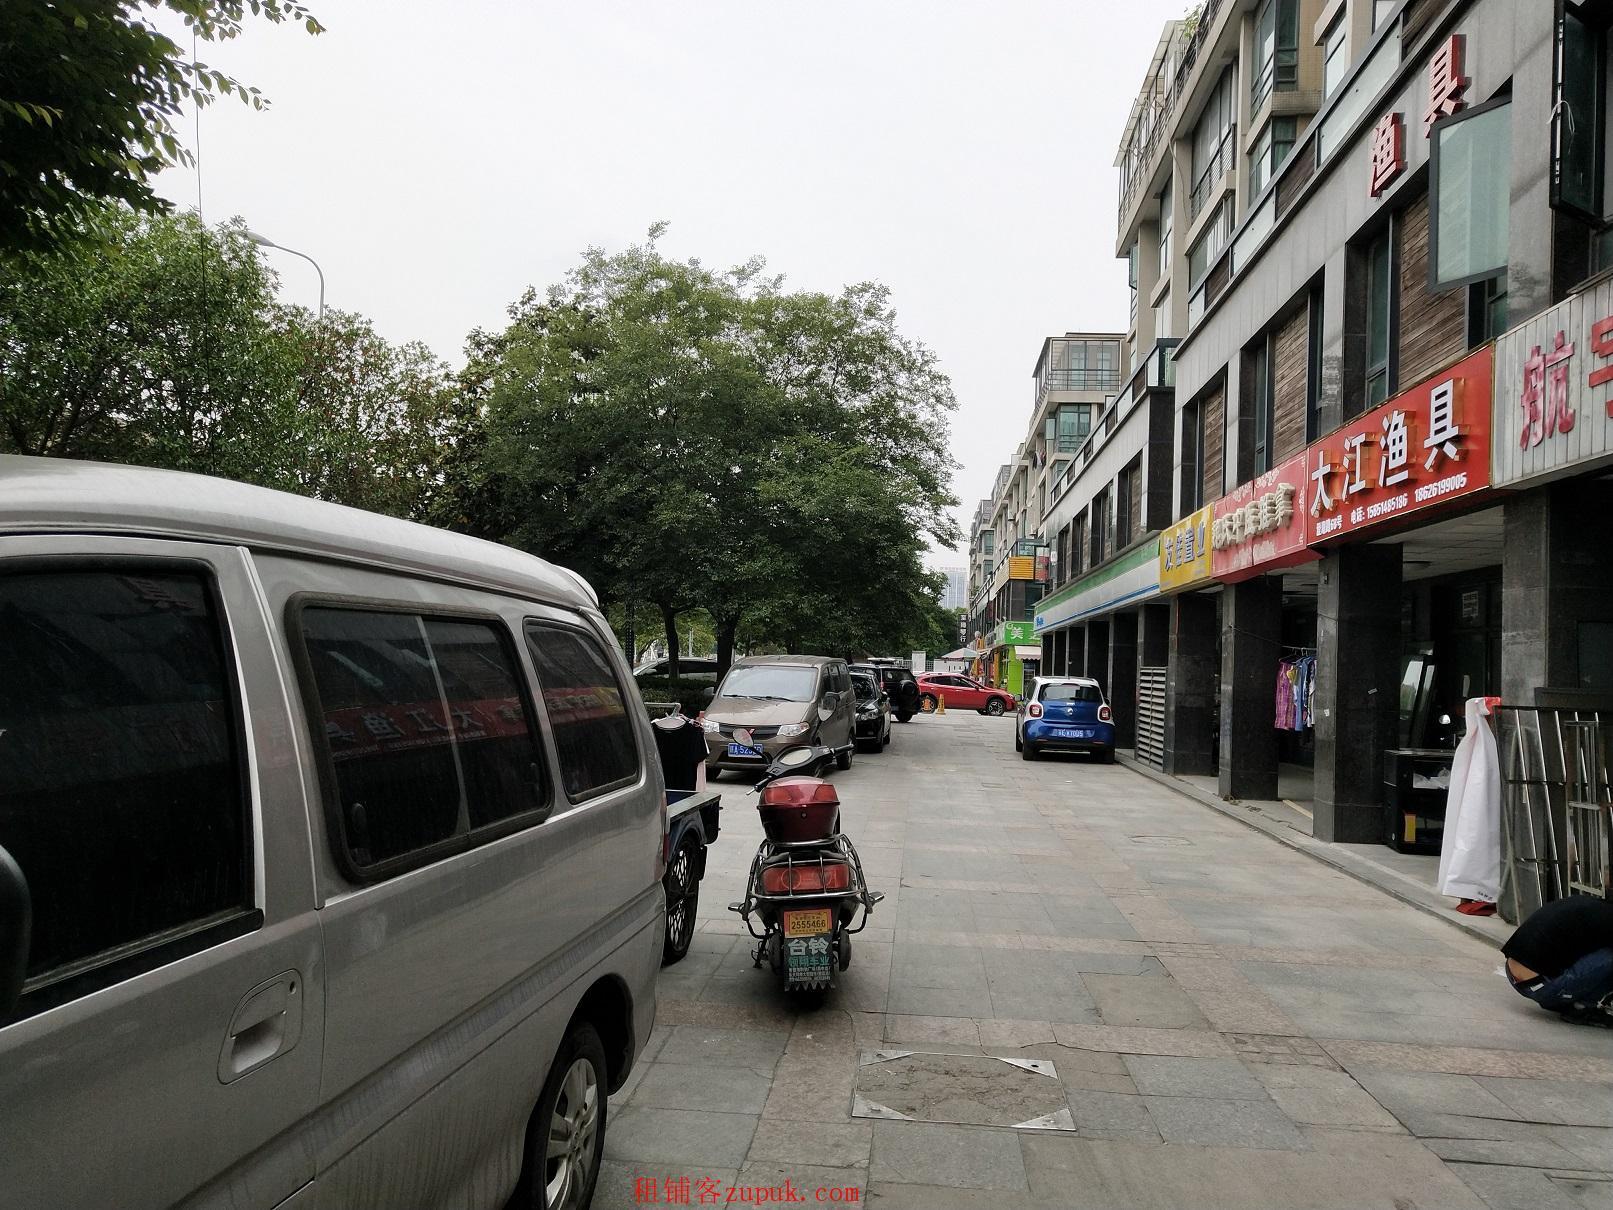 出租吴中城南阳光水榭一期南门口沿马路纯一楼商铺